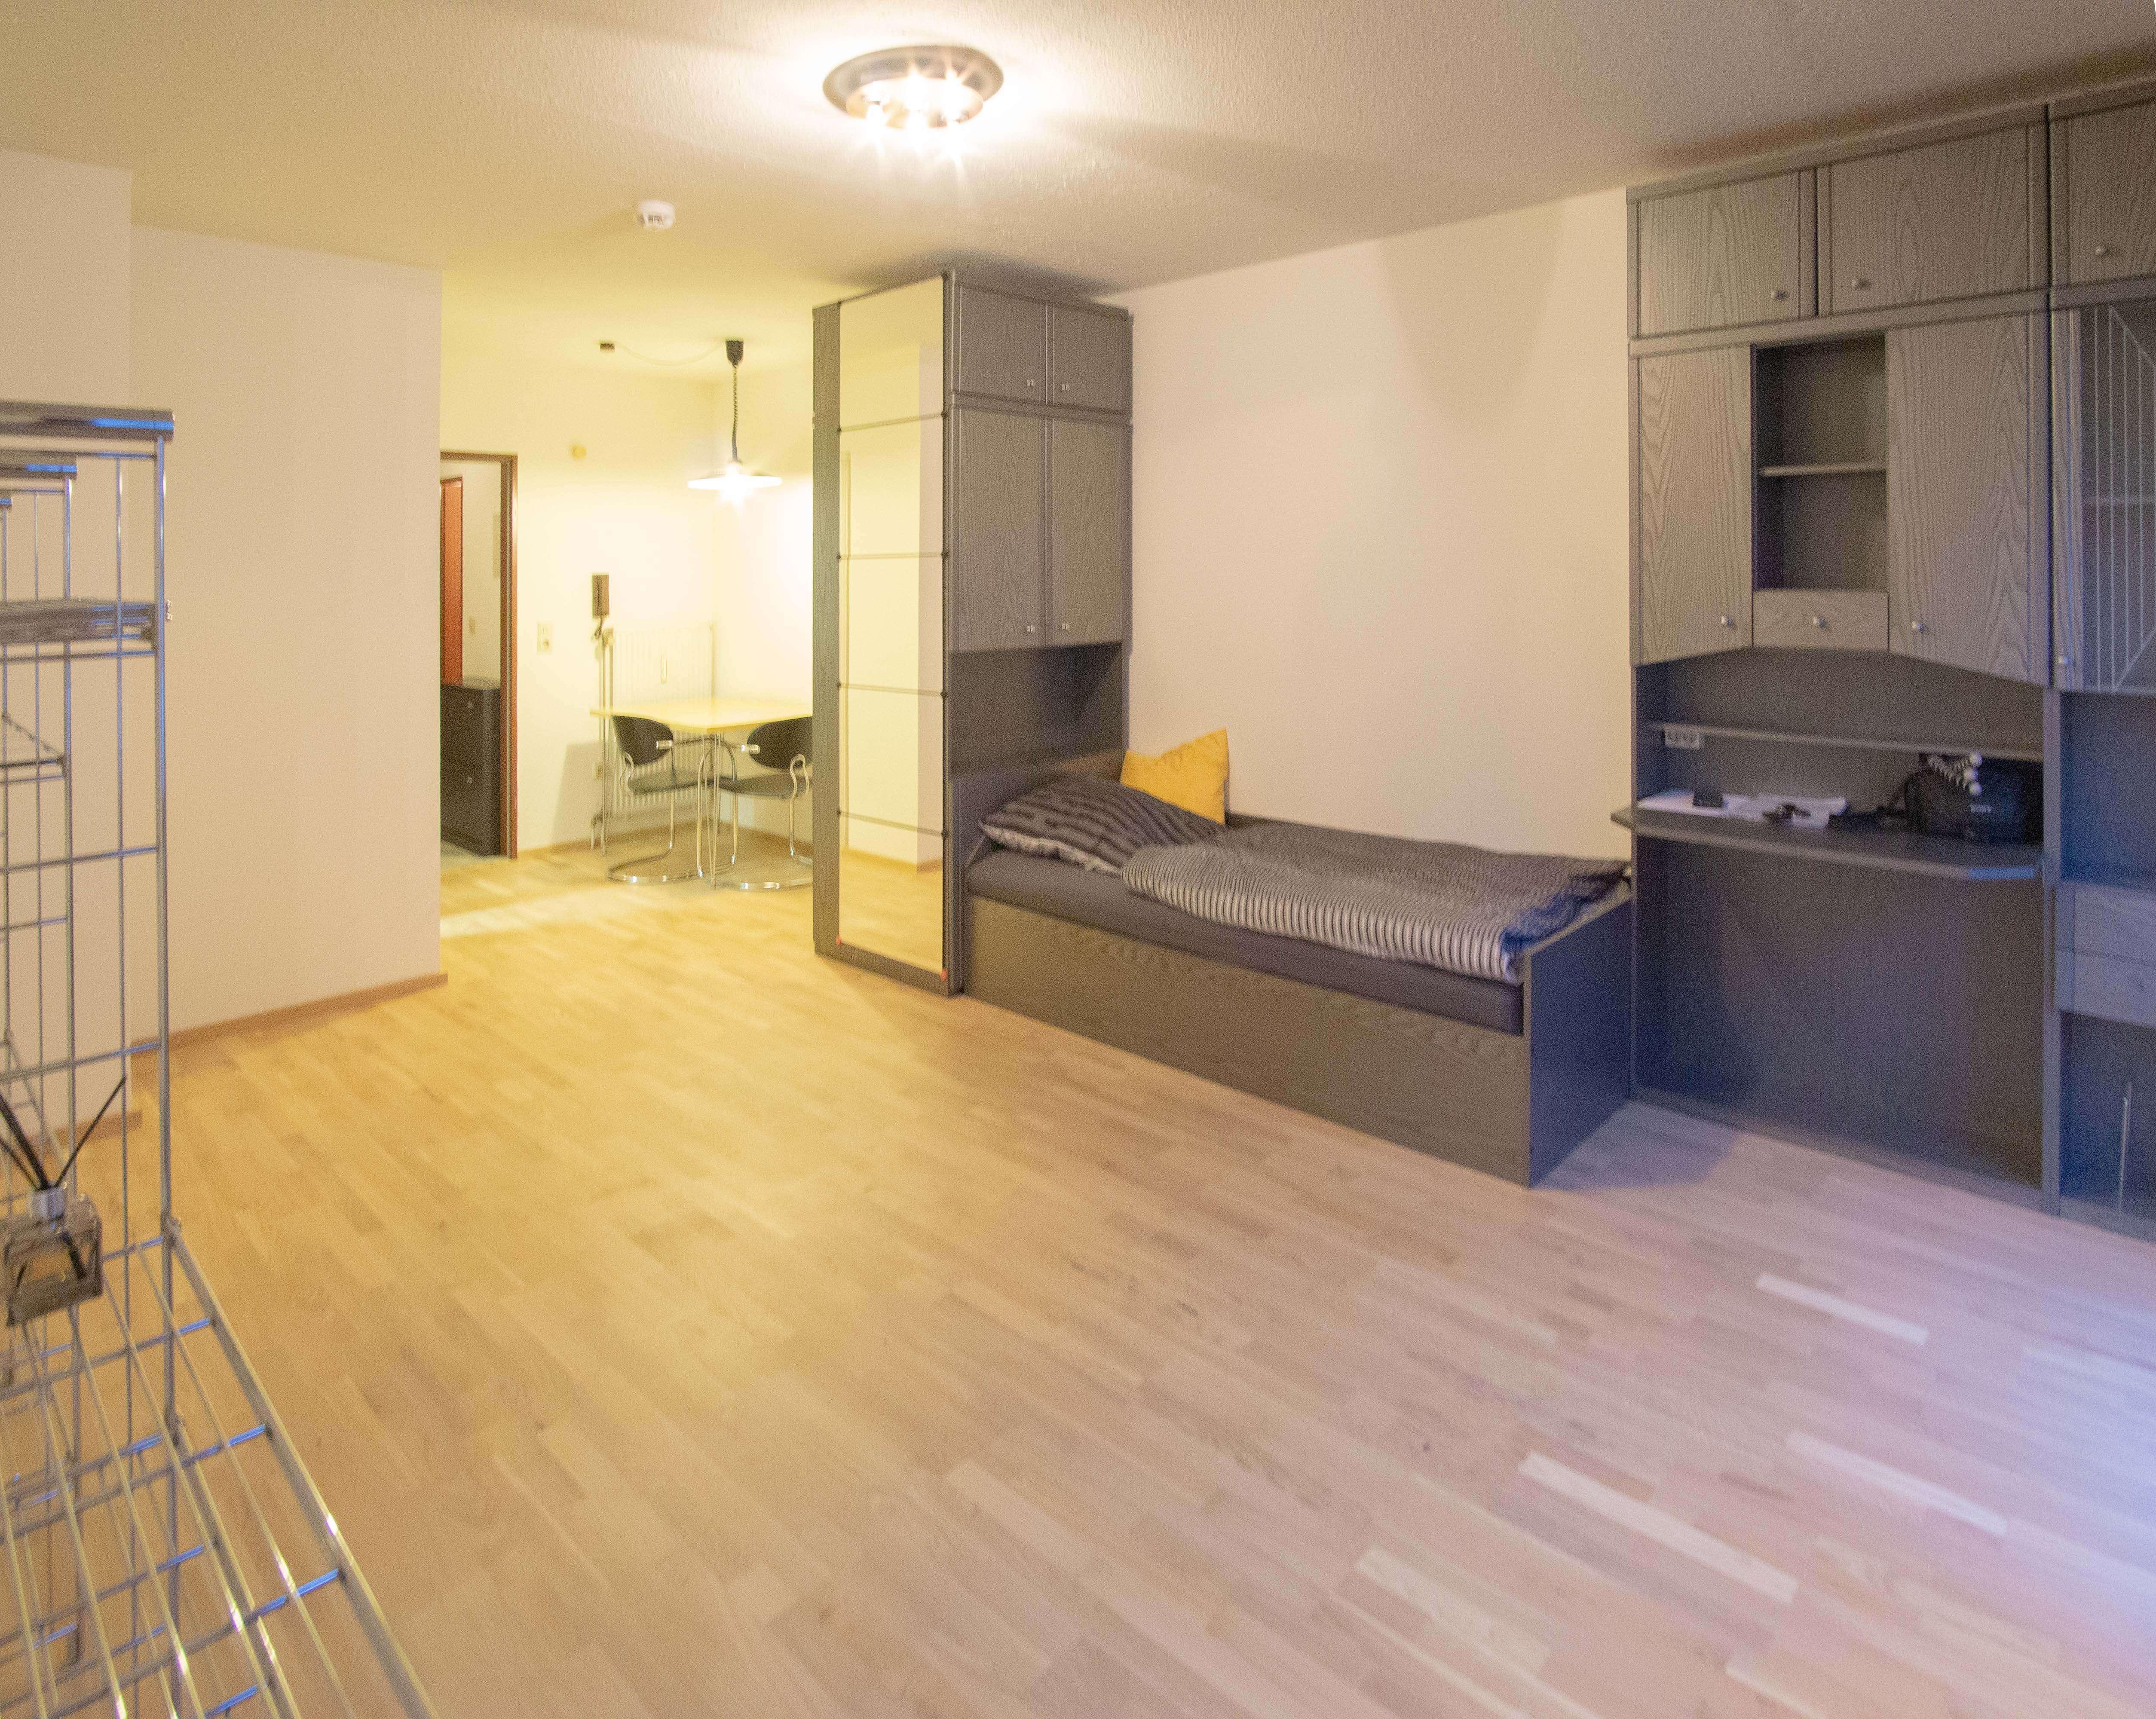 Offene, voll möblierte 1-Zimmer Wohnung mit Balkon zu vermieten! in Haidenhof Nord (Passau)